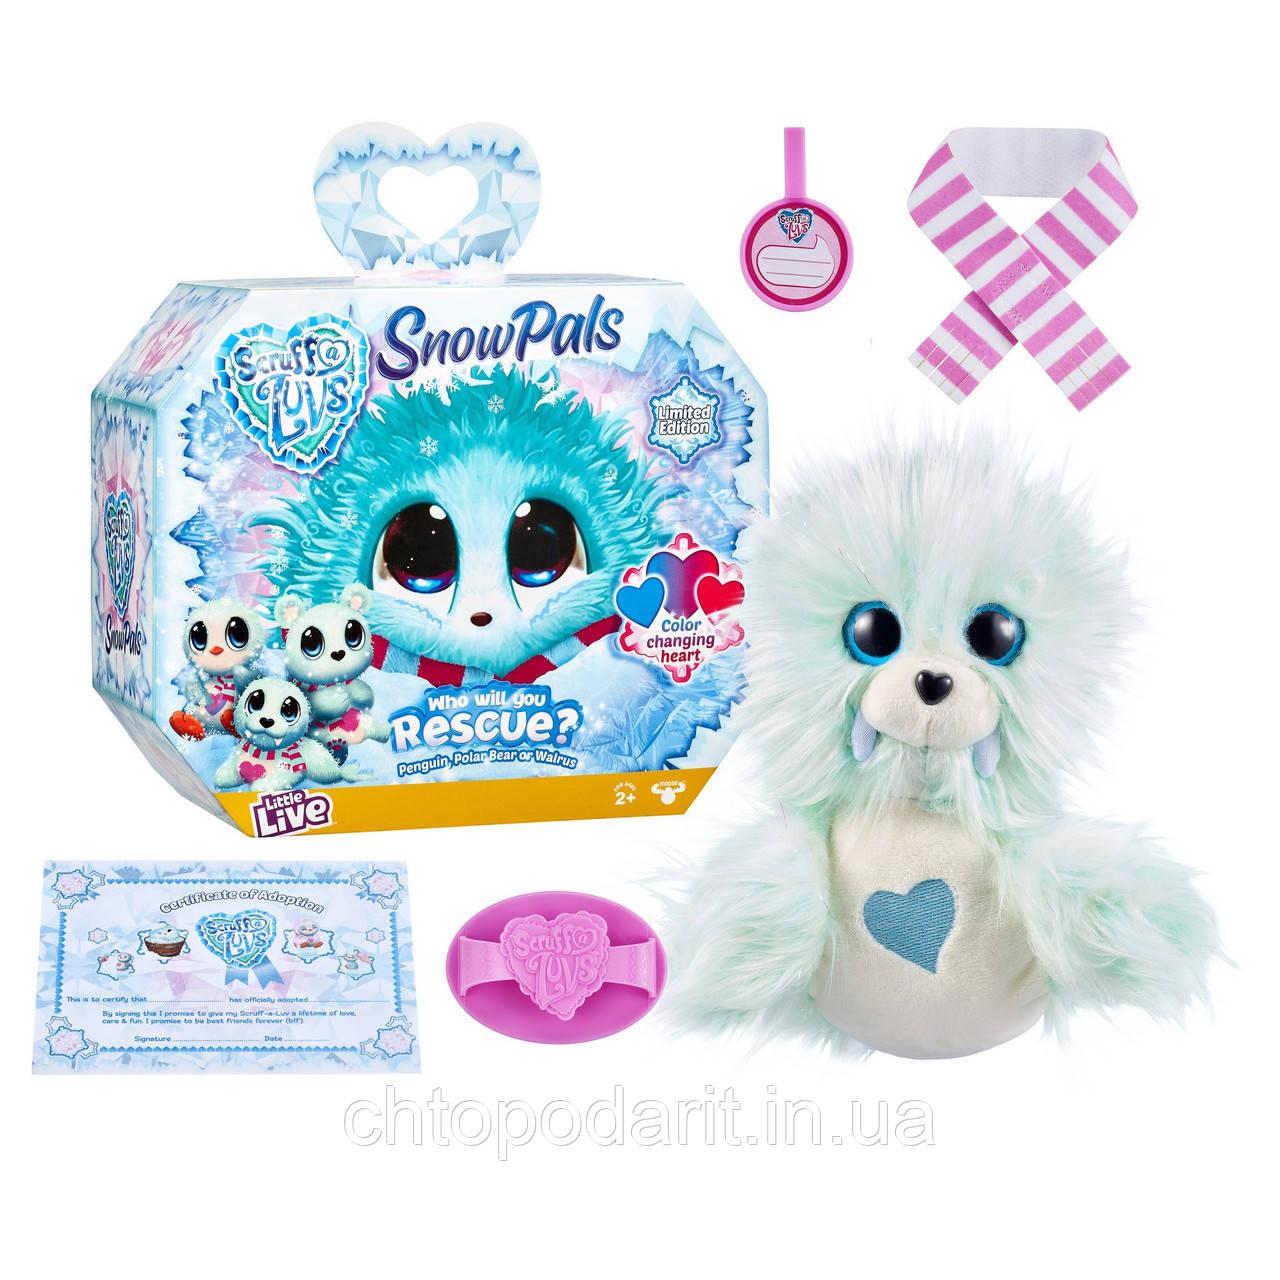 Пушистик потеряшка «Снежные друзья» игрушка сюрприз Scruff A Luvs Snow Pals Код 12-1867